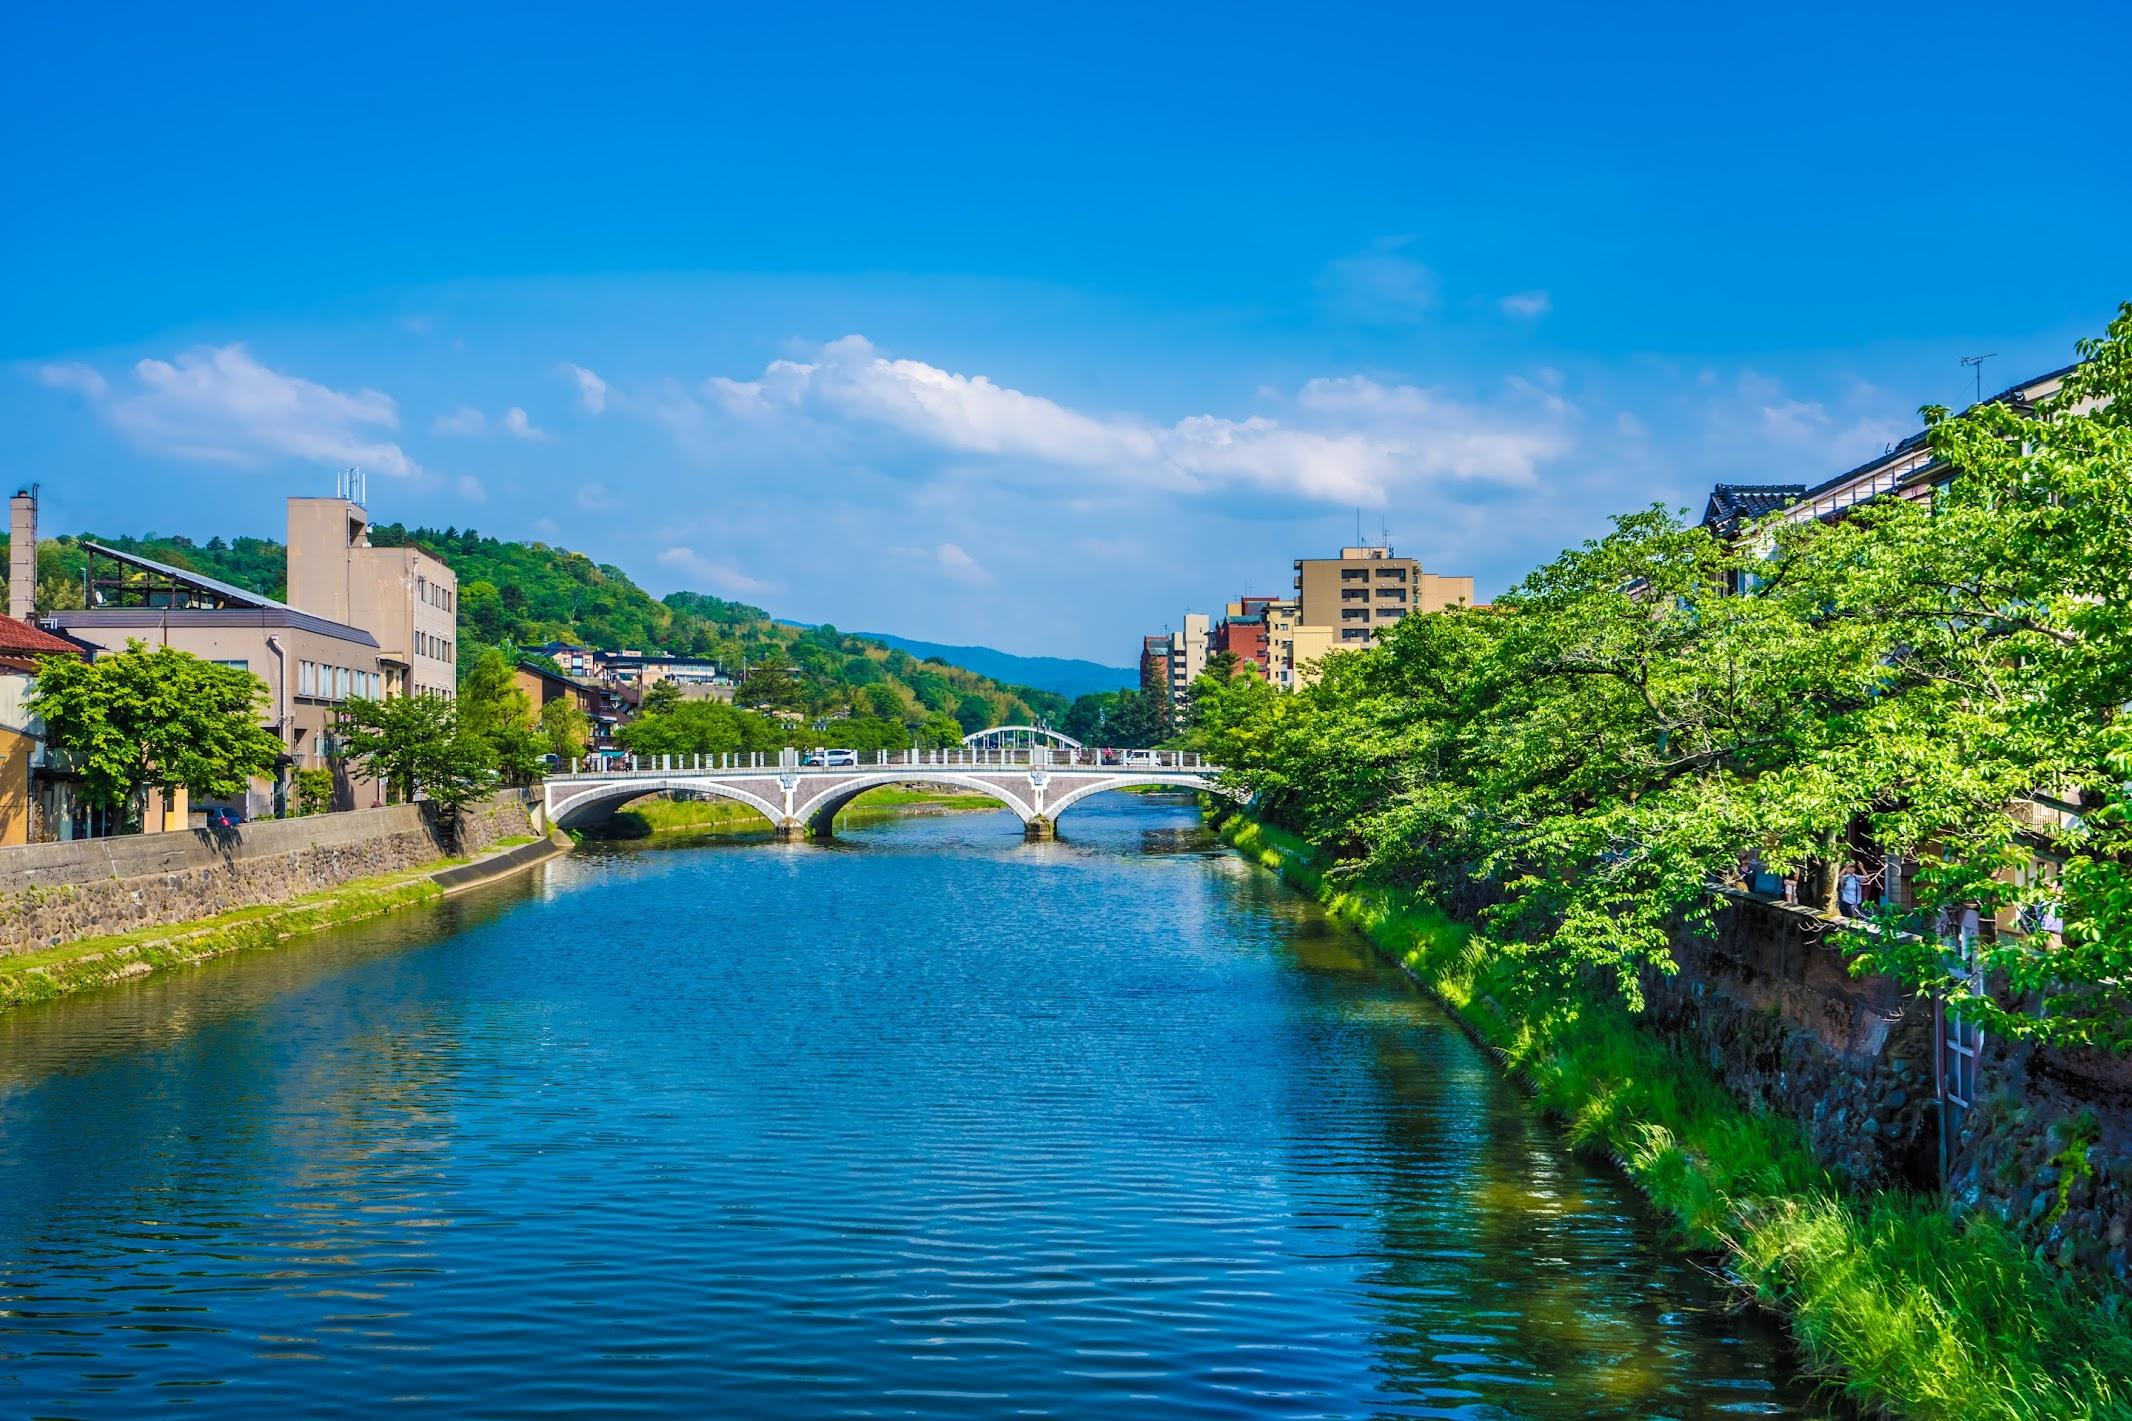 Kanazawa Asanogawa Ohashi Bridge